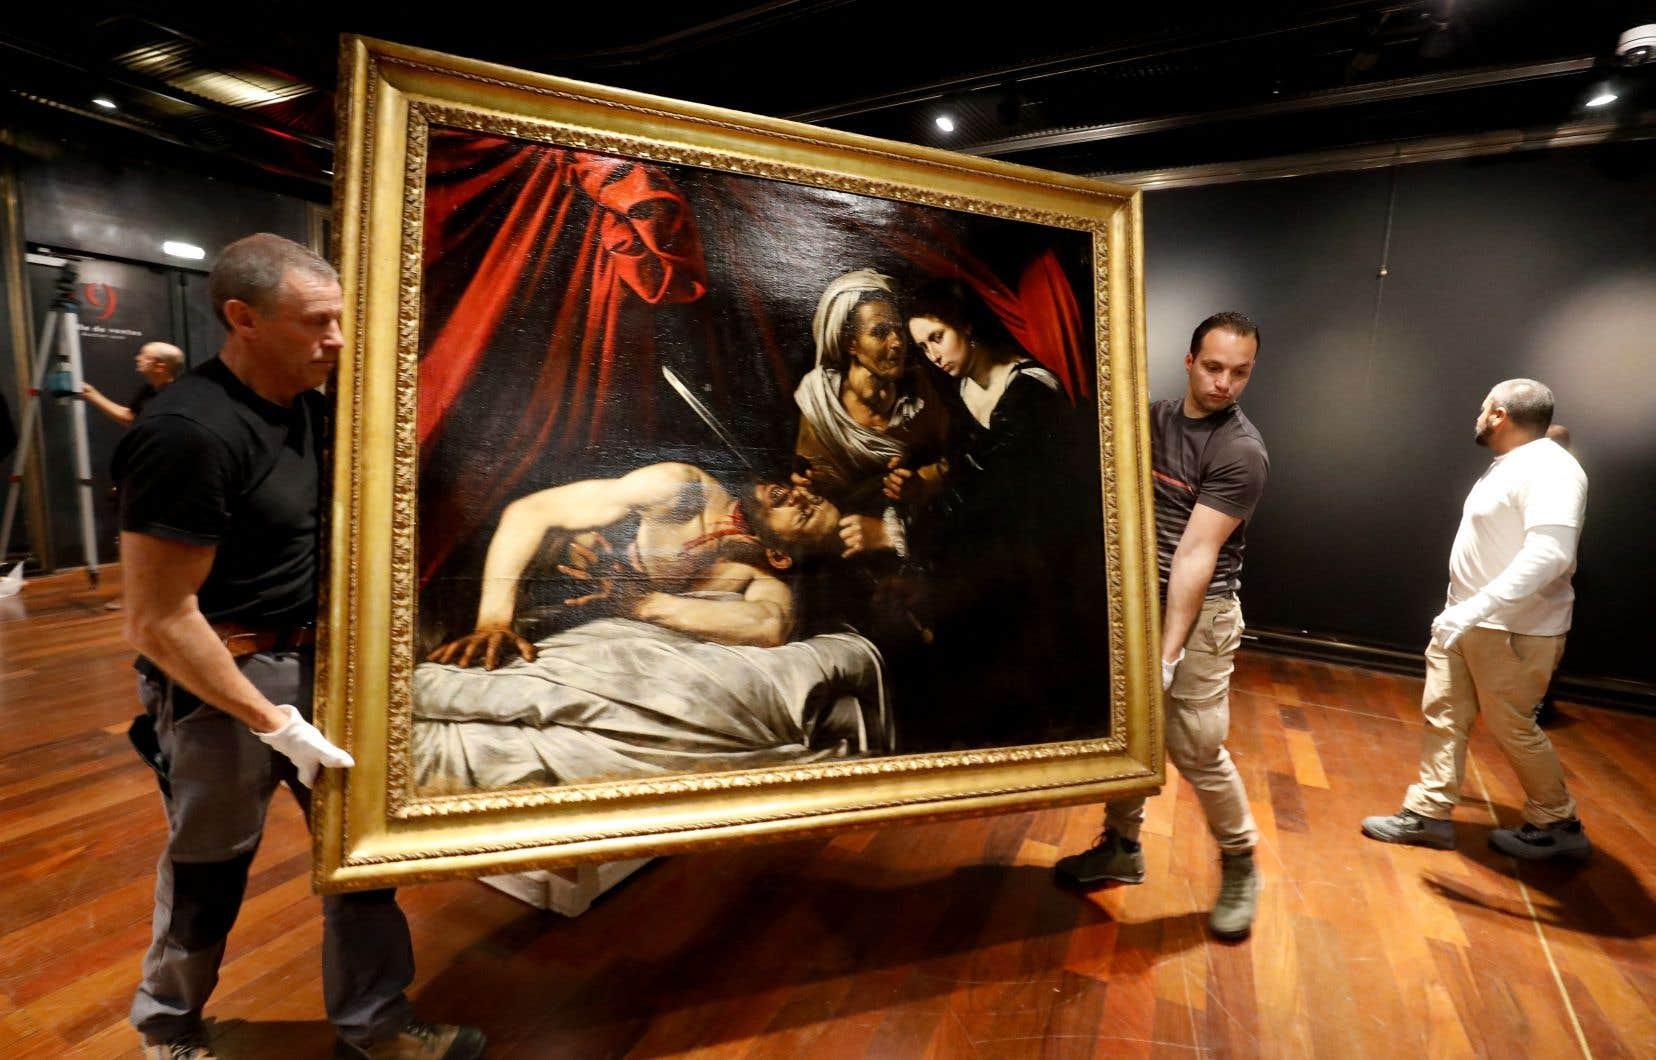 La toile représentant «Judith décapitant Holopherne» dormait depuis des lustres dans le grenier d'une maison près de Toulouse, dans le sud de la France.